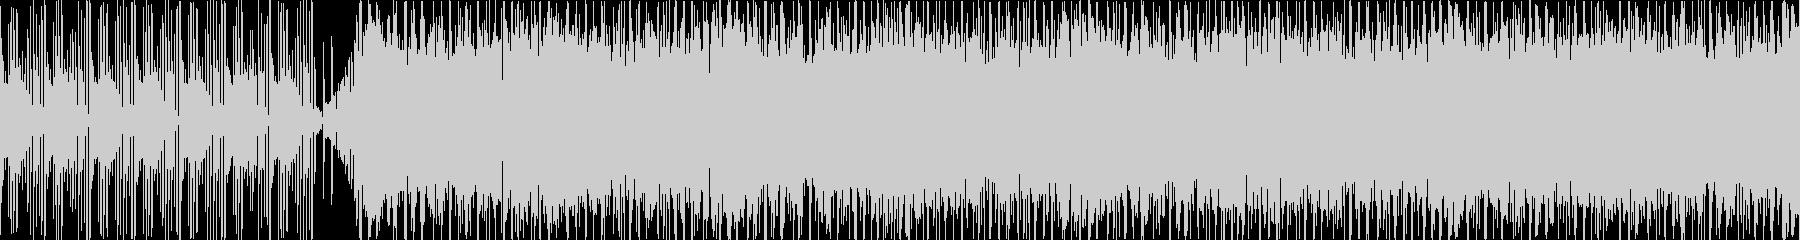 お洒落・ポジティブ・シンプルなBGM、2の未再生の波形